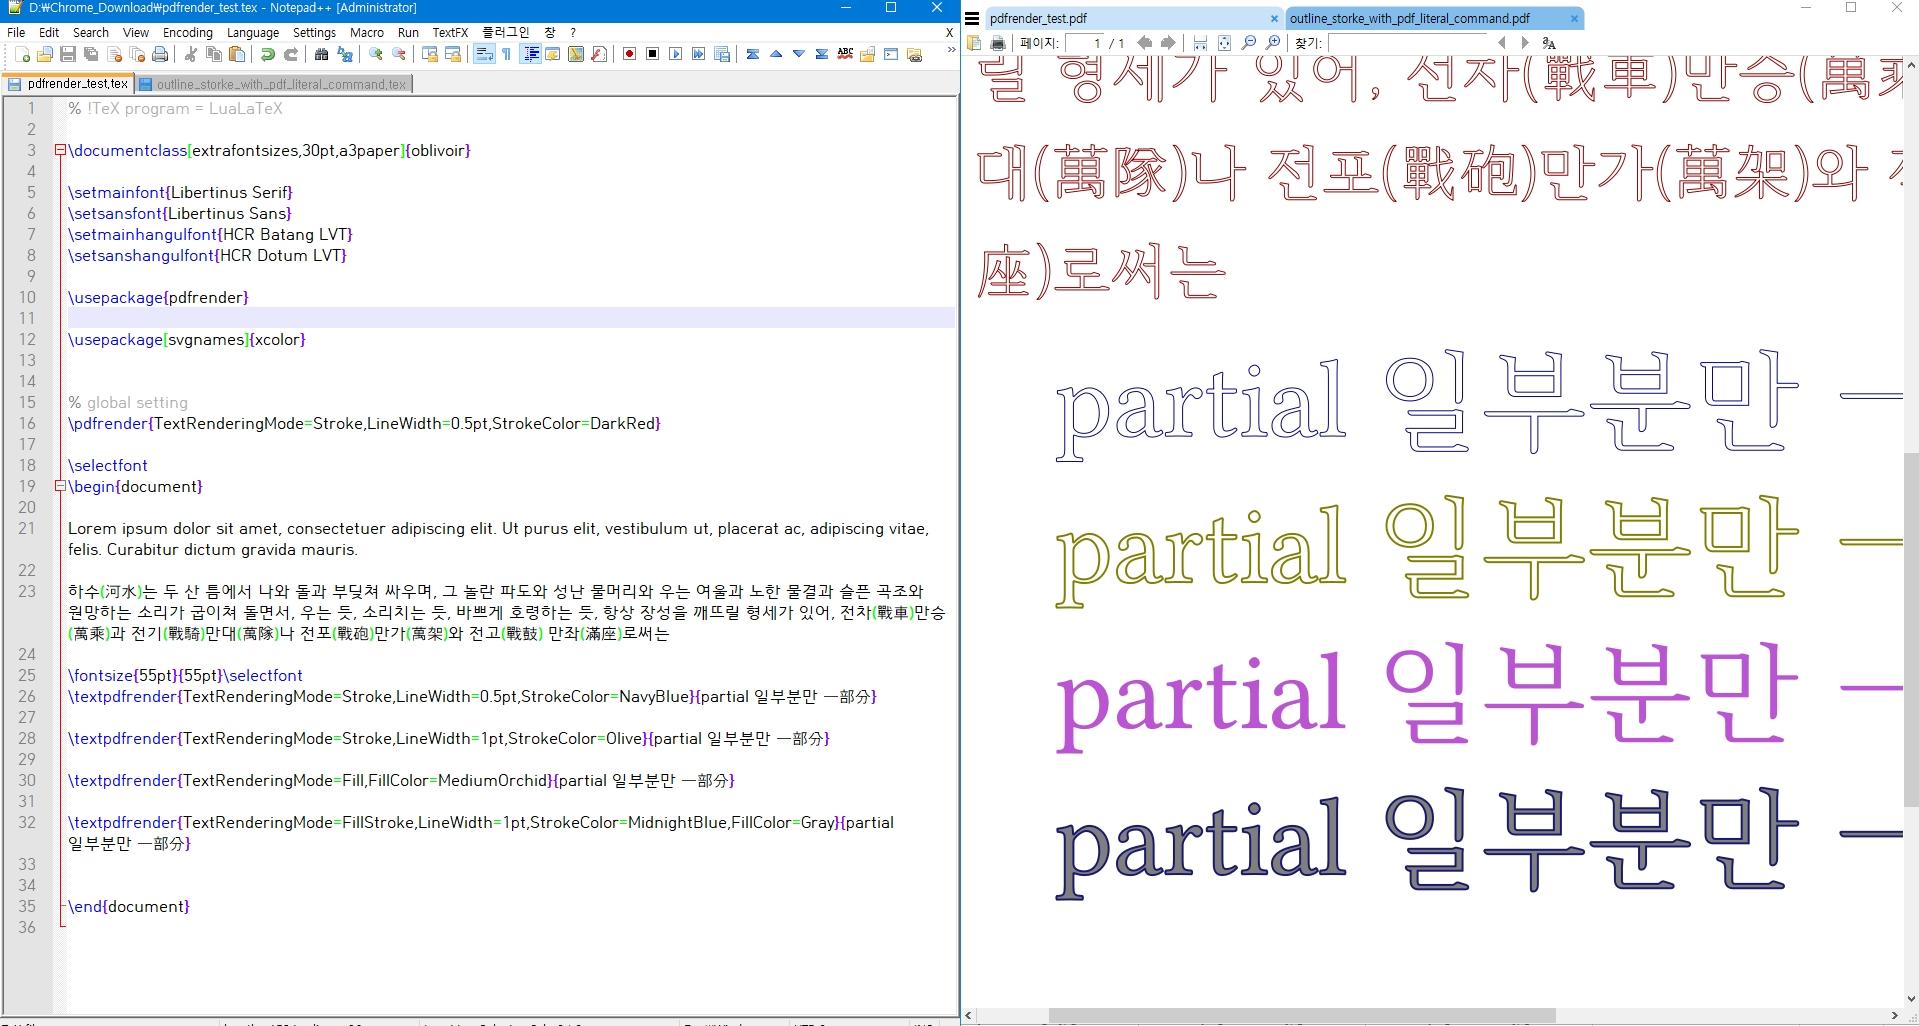 pdfrender_test.jpg